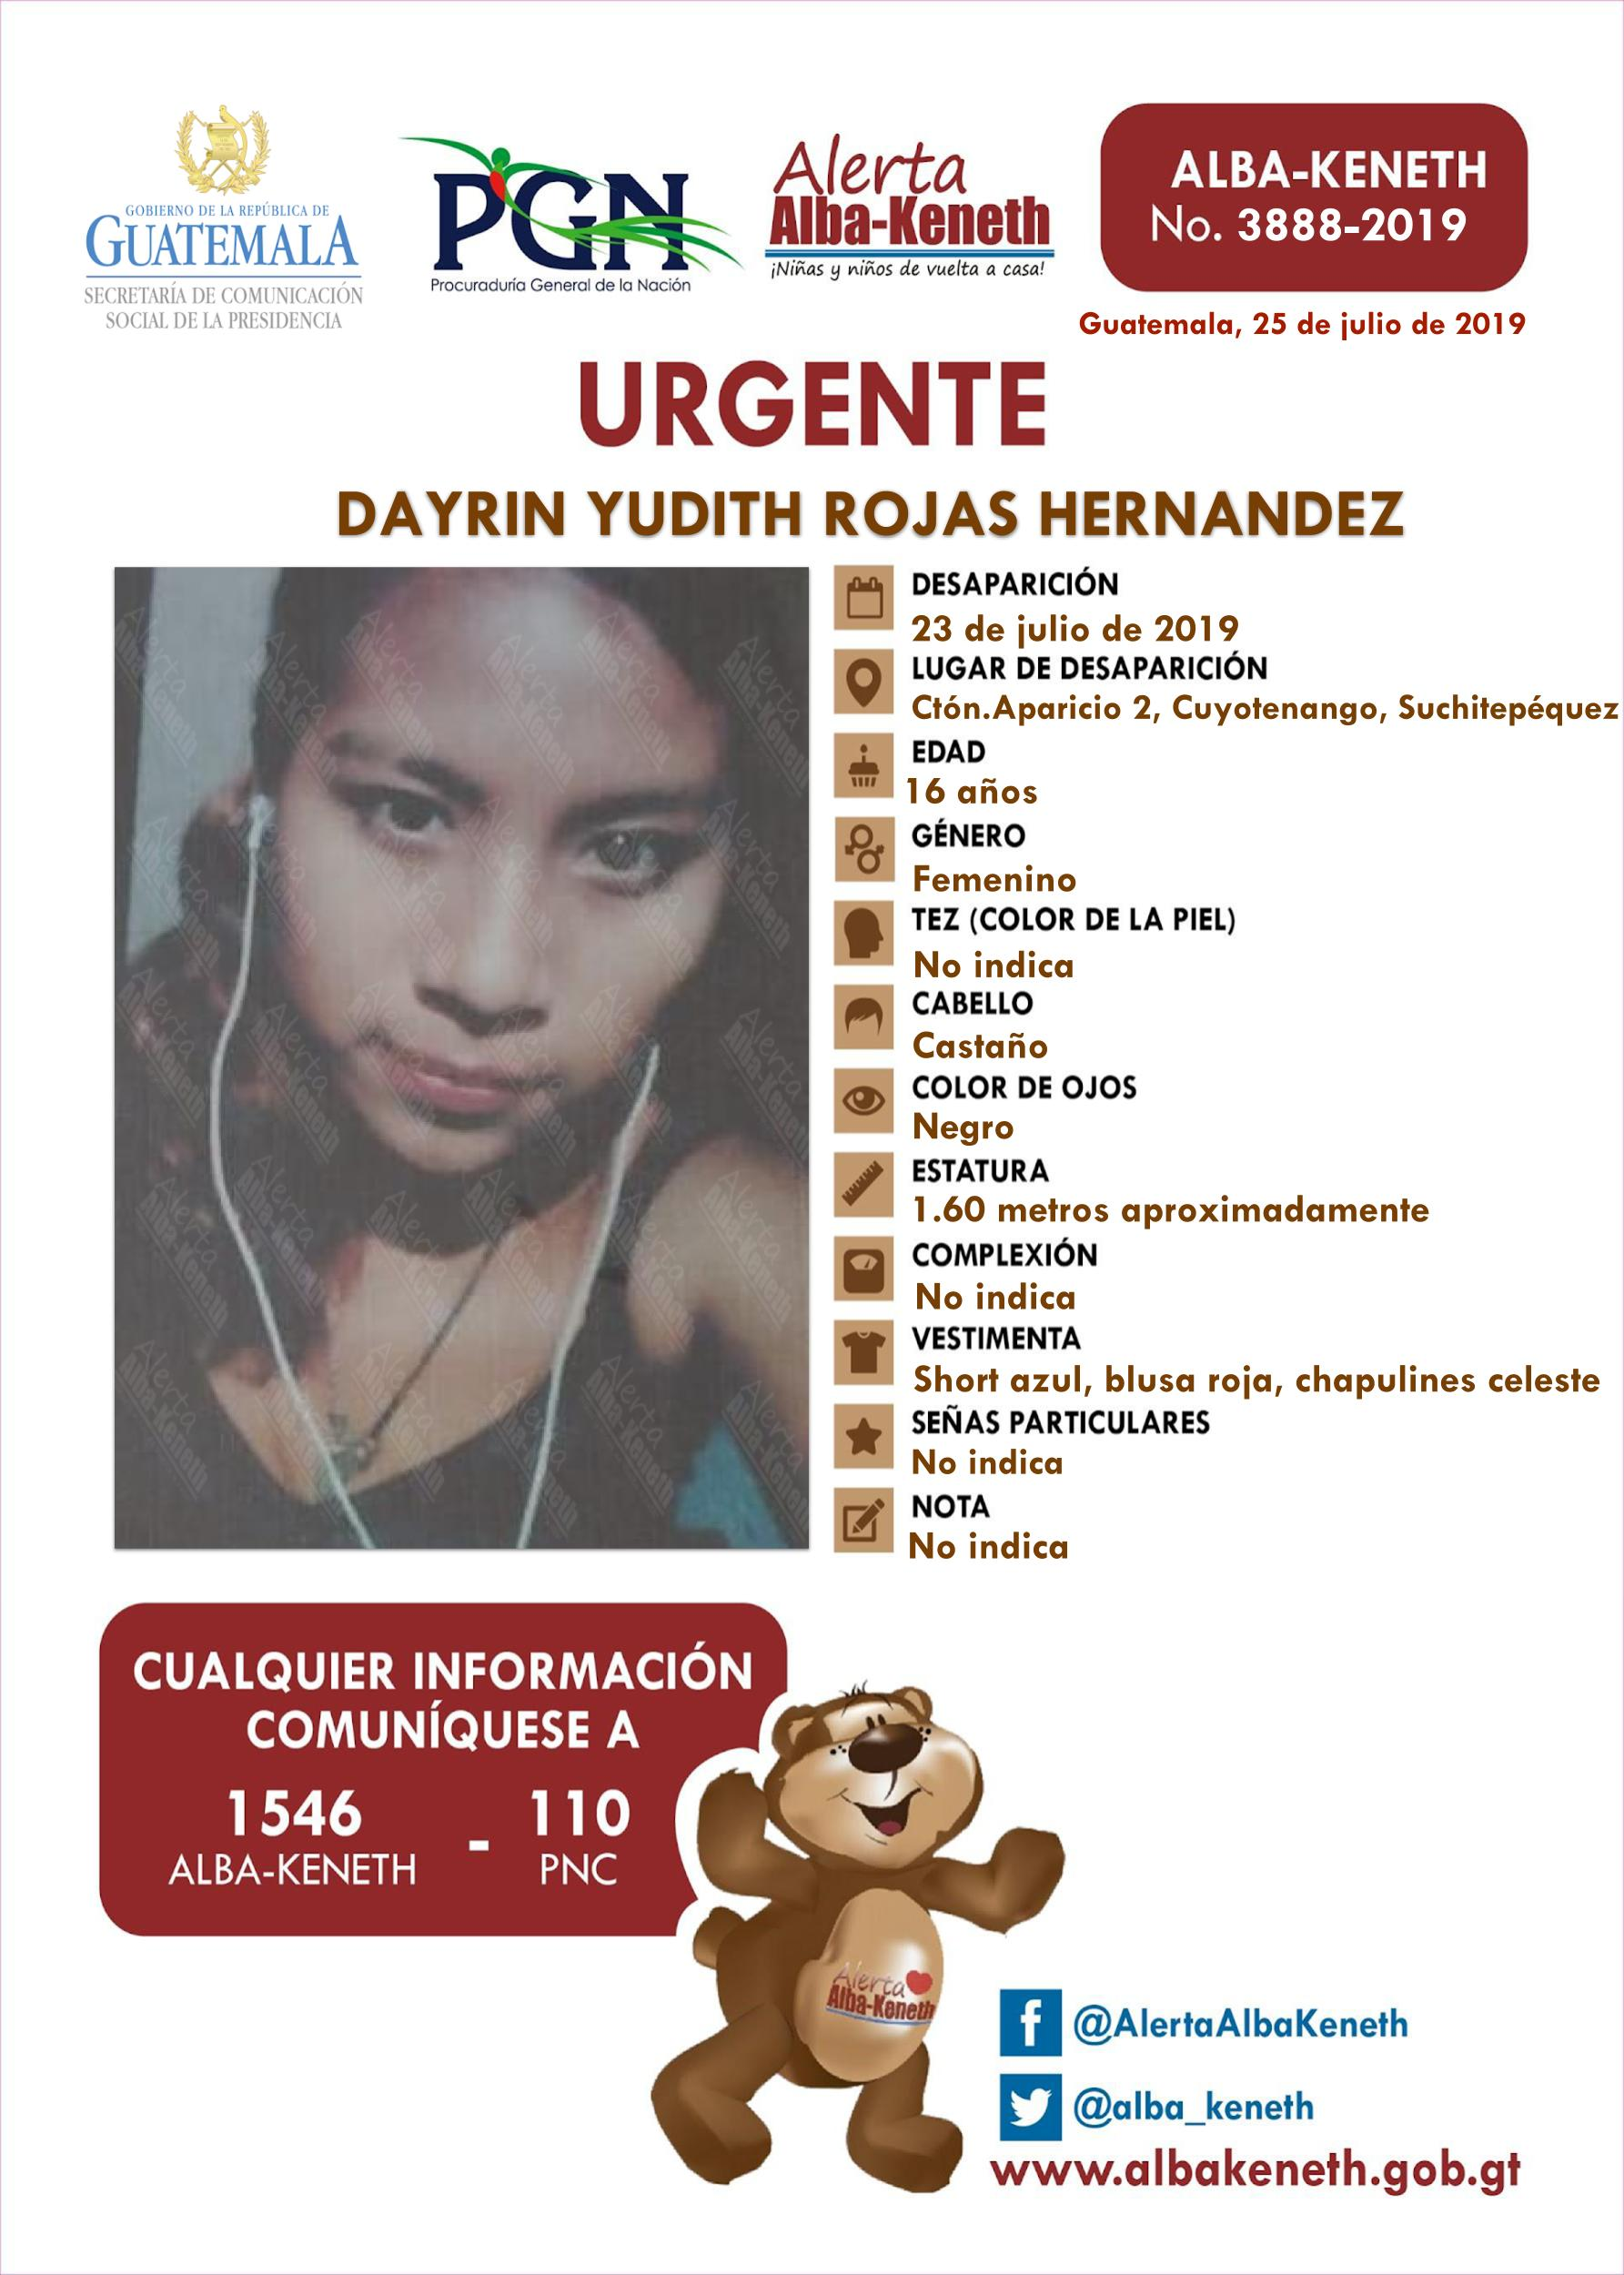 Dayrin Yudith Rojas Hernandez